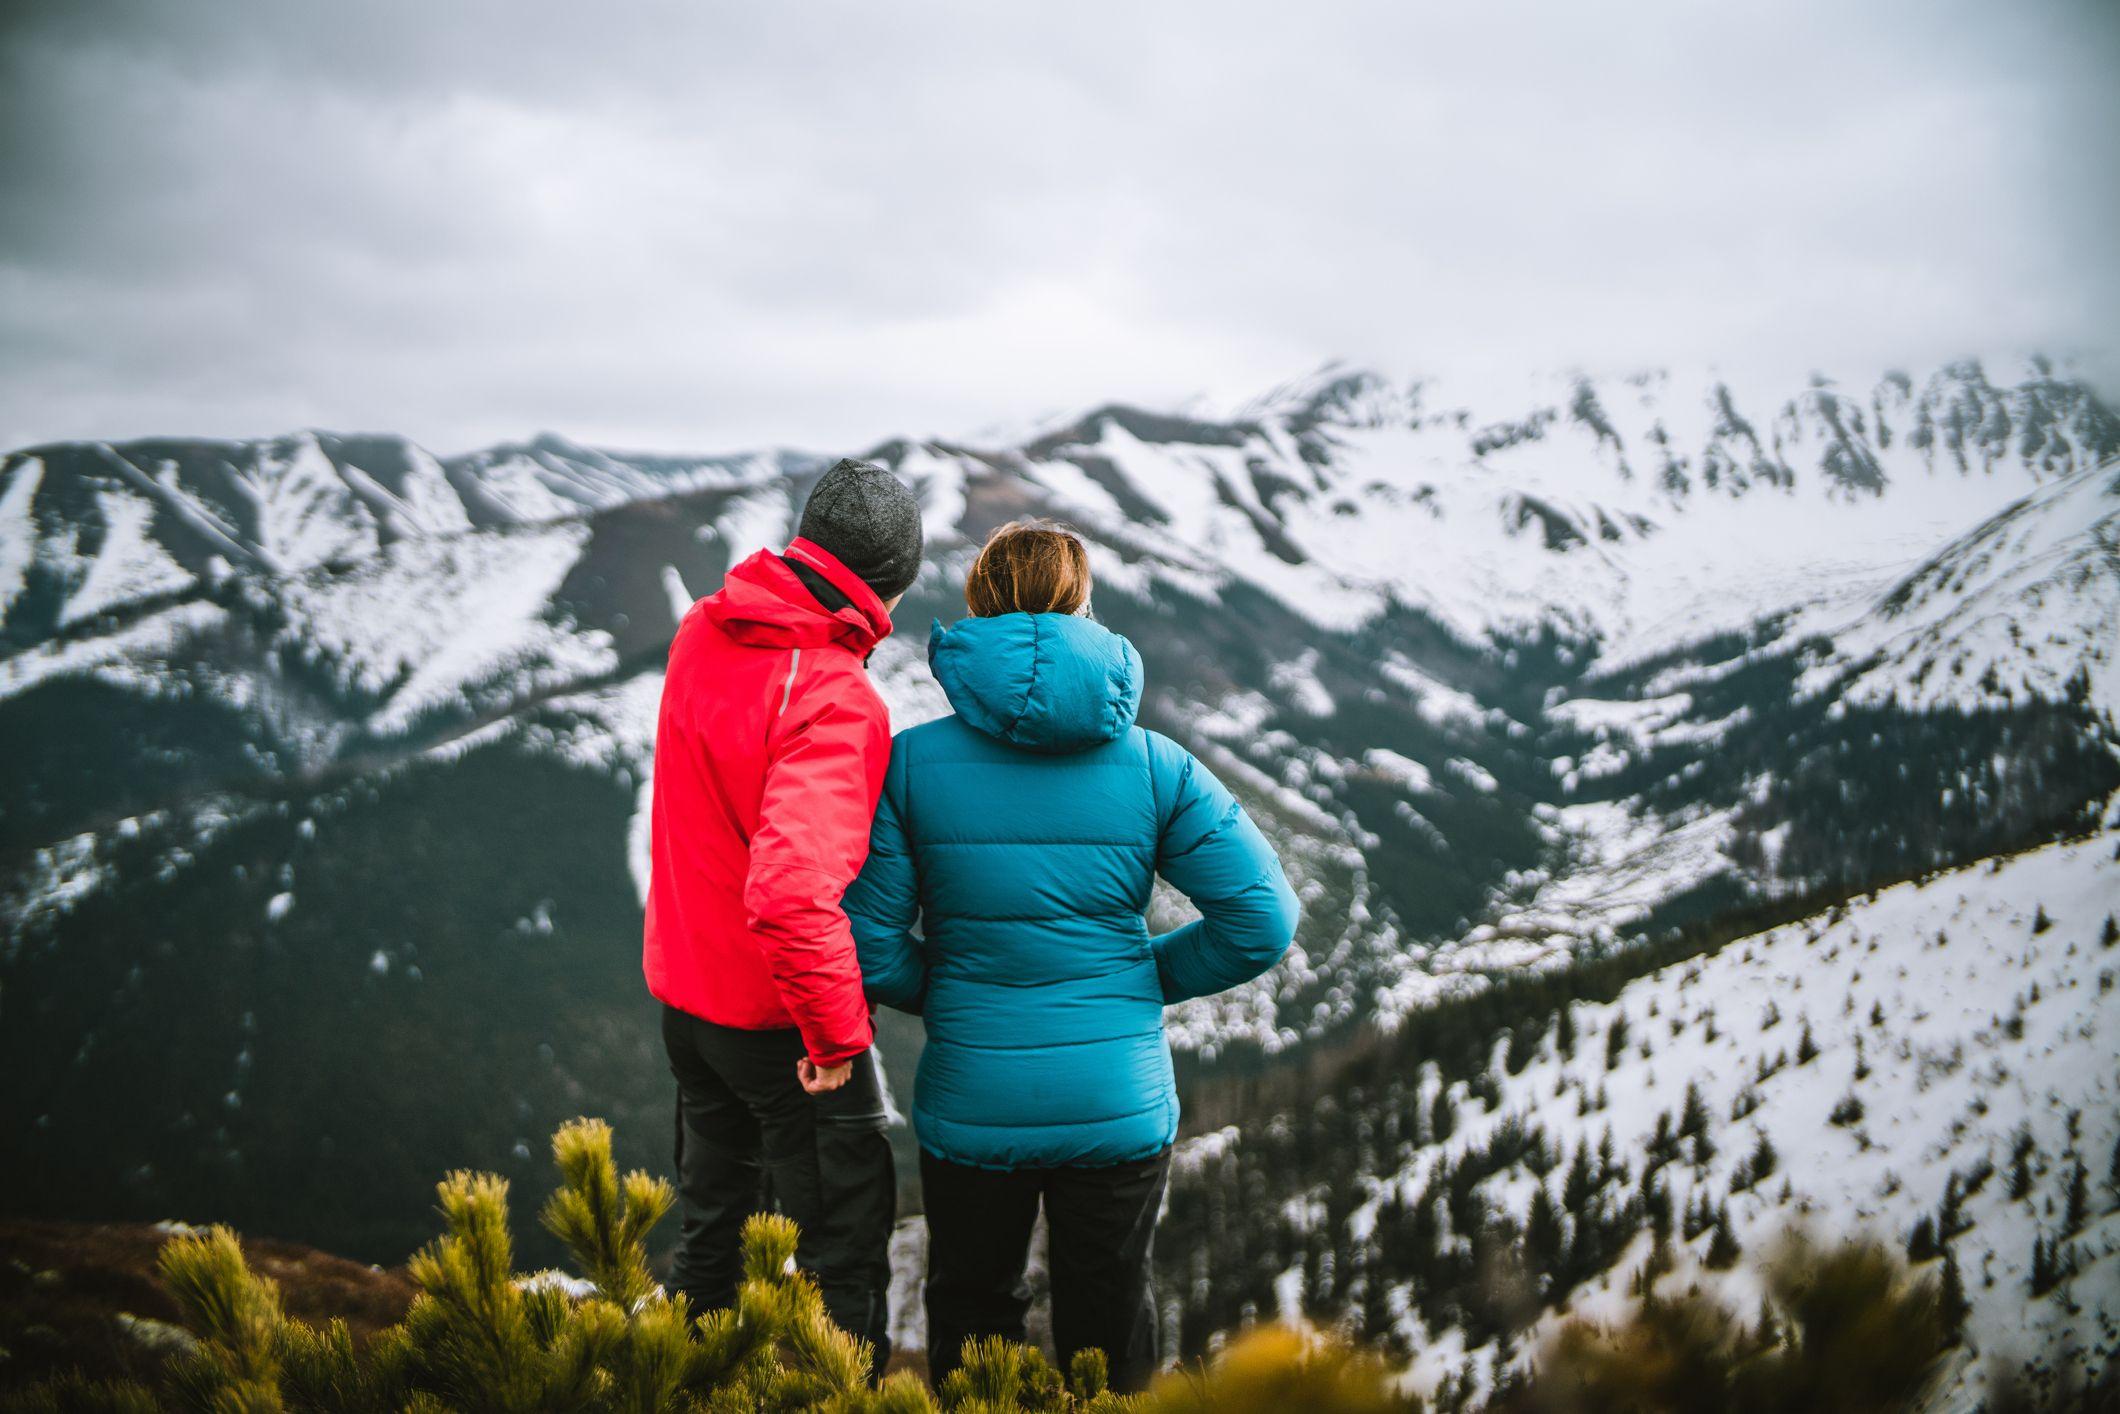 fotograaf jagab talvel mäe peal naisega ideid